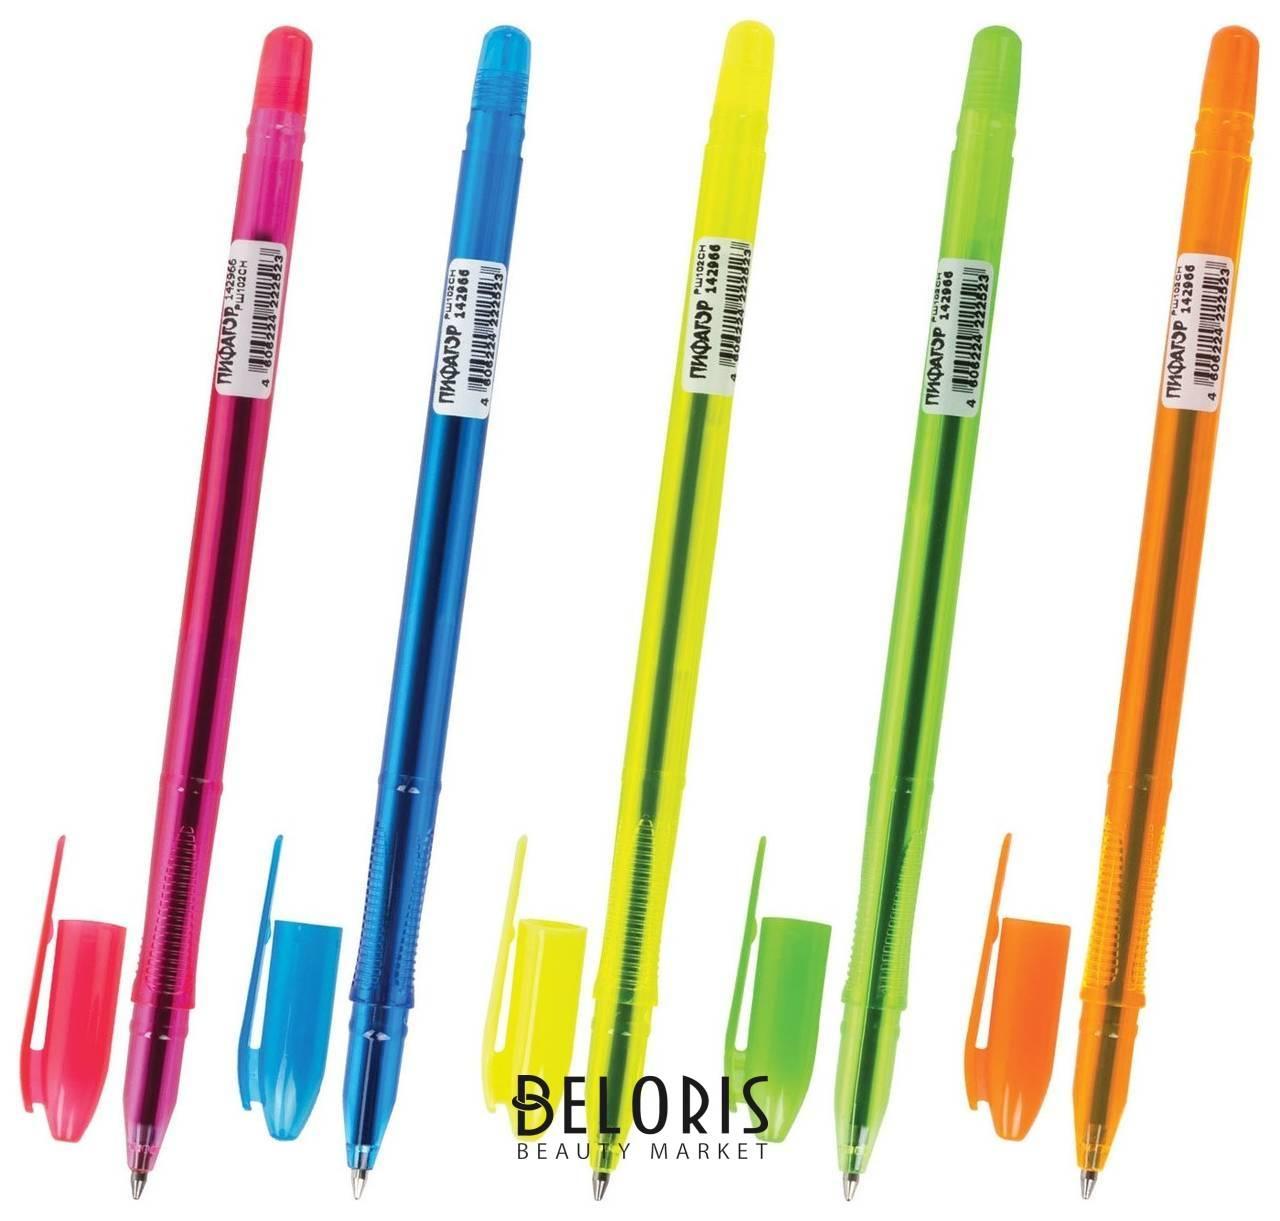 Ручка шариковая масляная пифагор Neon, синяя, корпус неоновый ассорти, узел 1 мм, линия письма 0,7 мм Пифагор